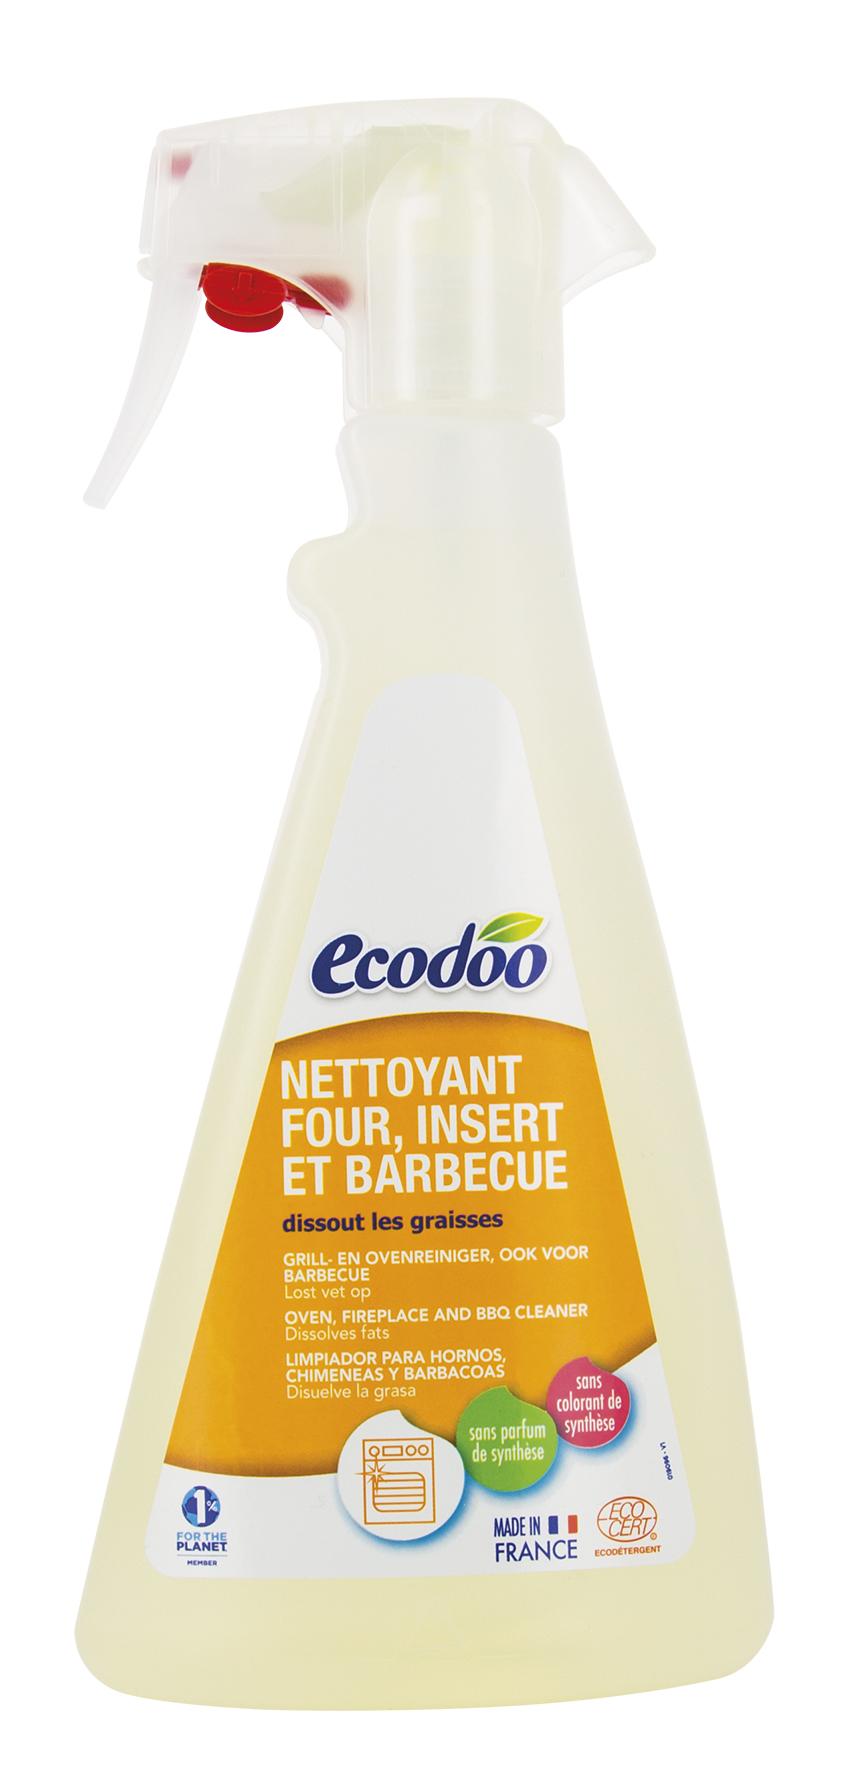 Ecodoo Органічний чистячий і знежирюючий засіб для плит, духовок, витяжок, барбекю, 500 мл - купить в интернет-магазине Юнимед